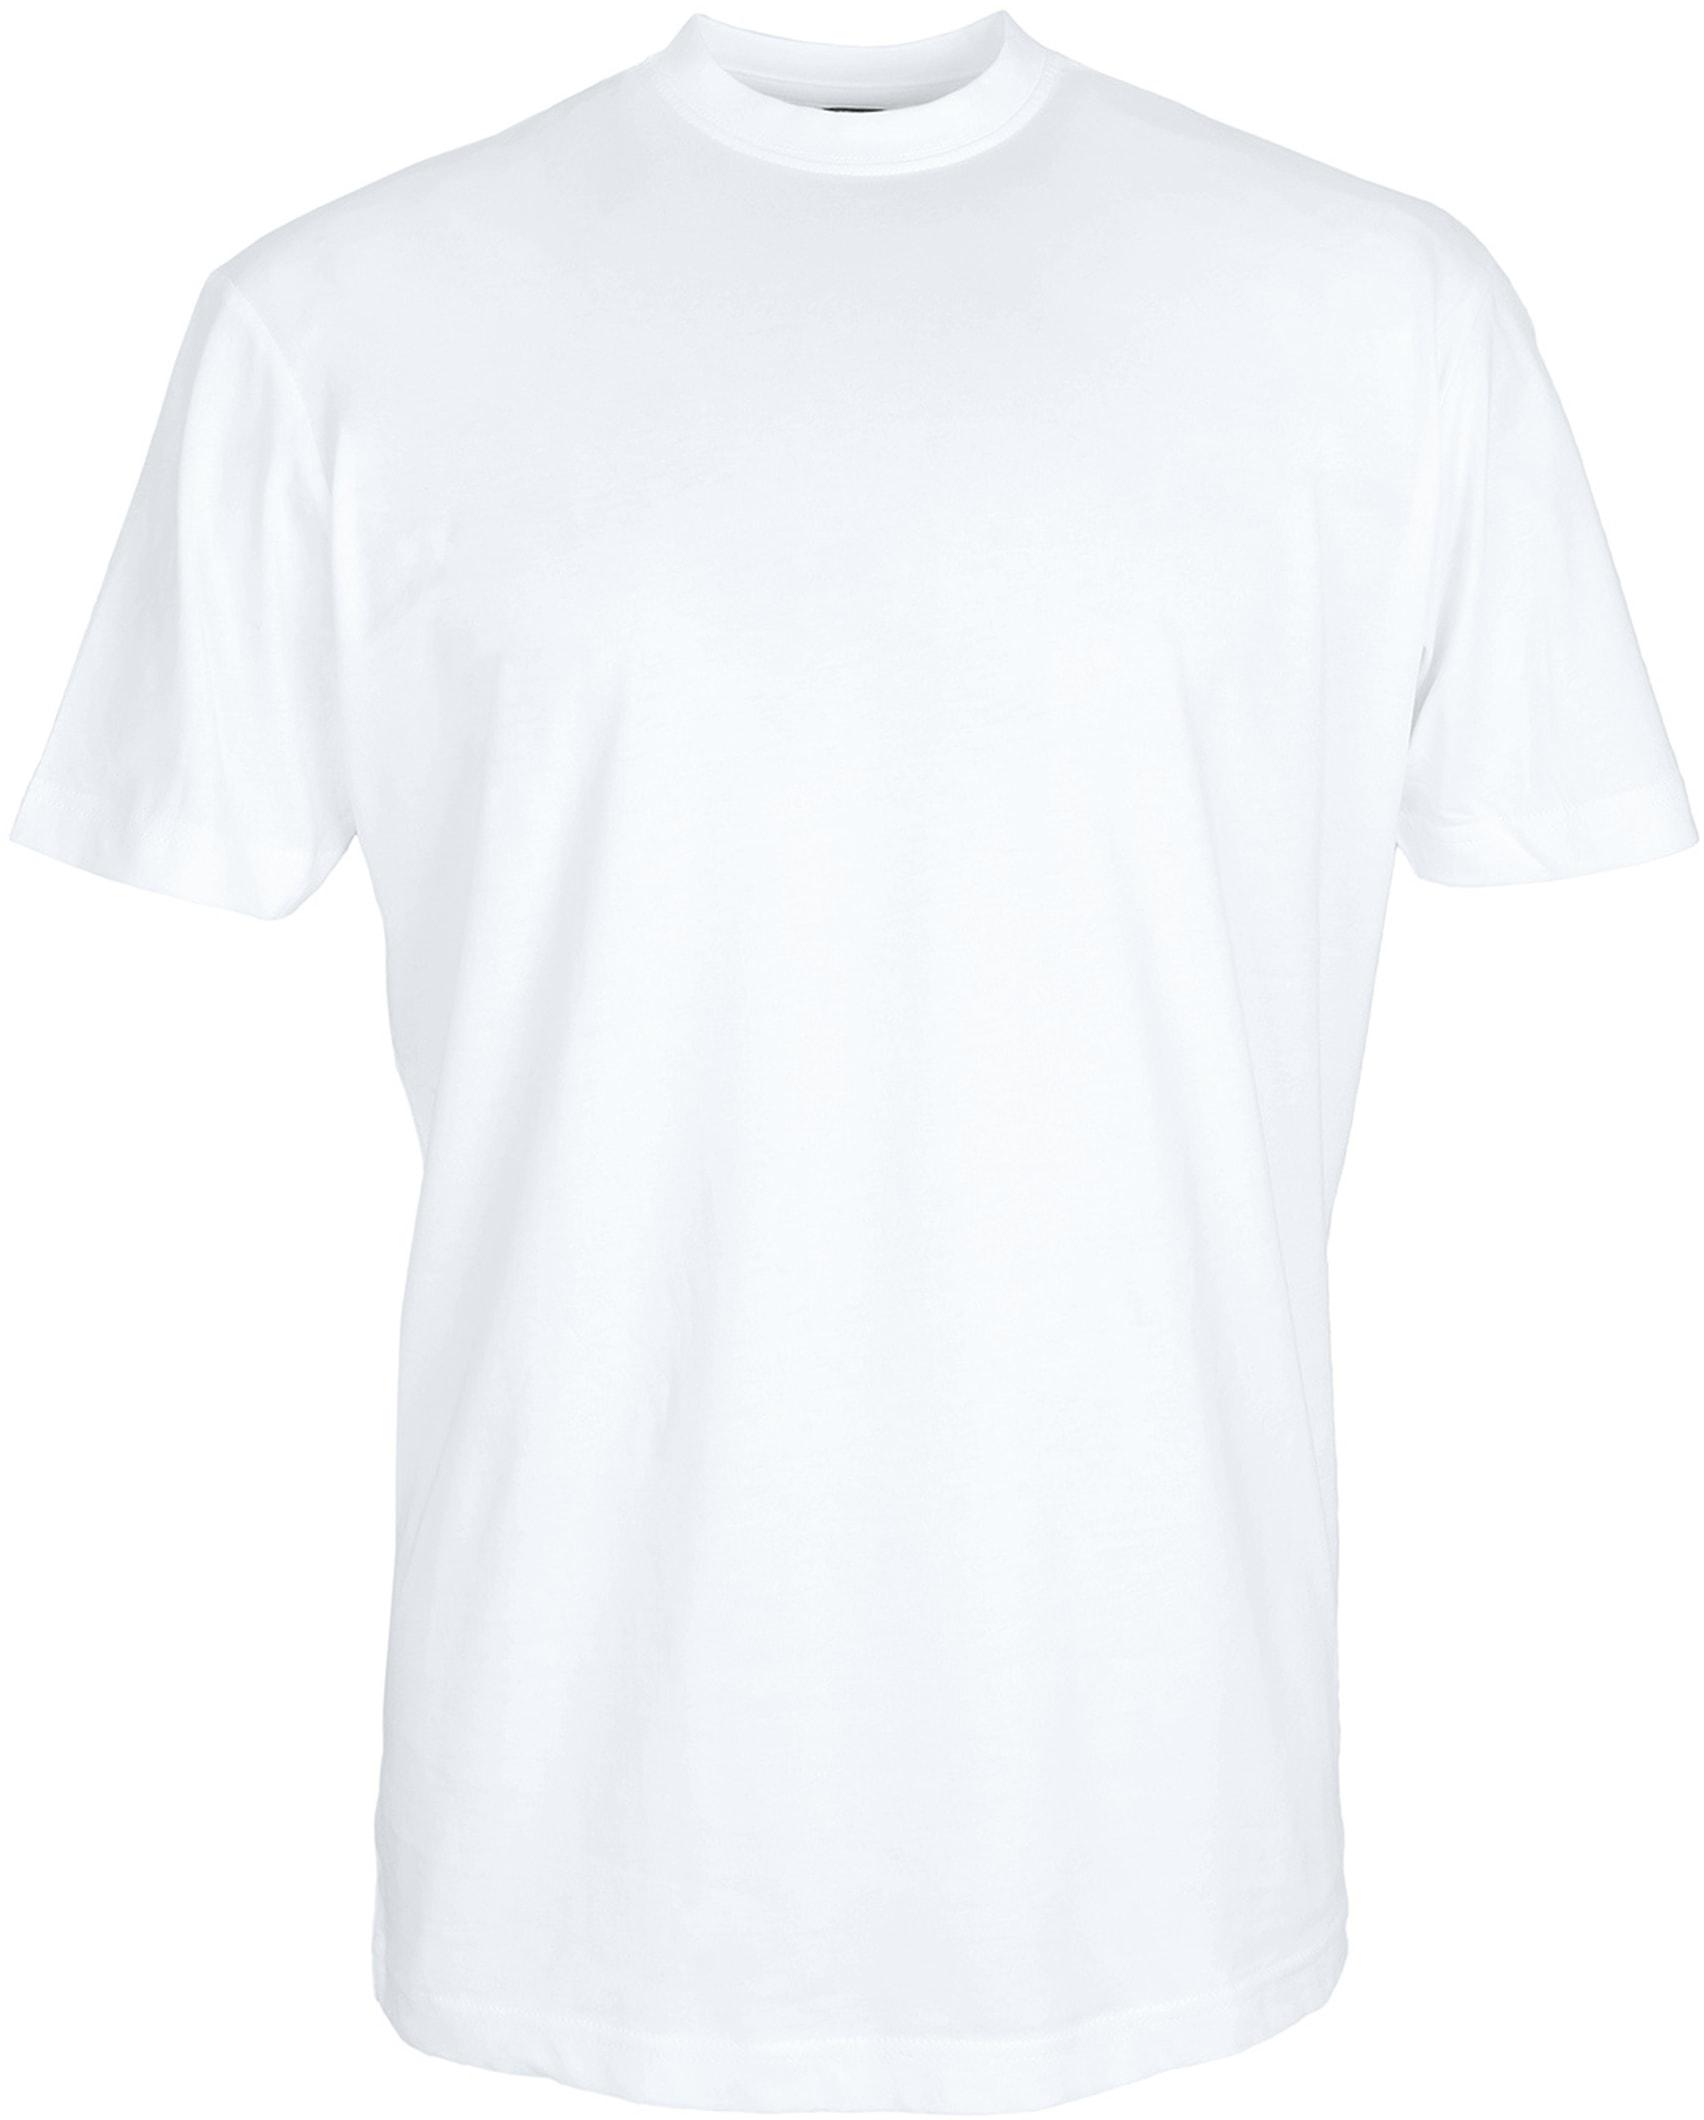 T-Shirt Breiter Rund Hals 6-Pack (6 Stück) Weiß foto 1